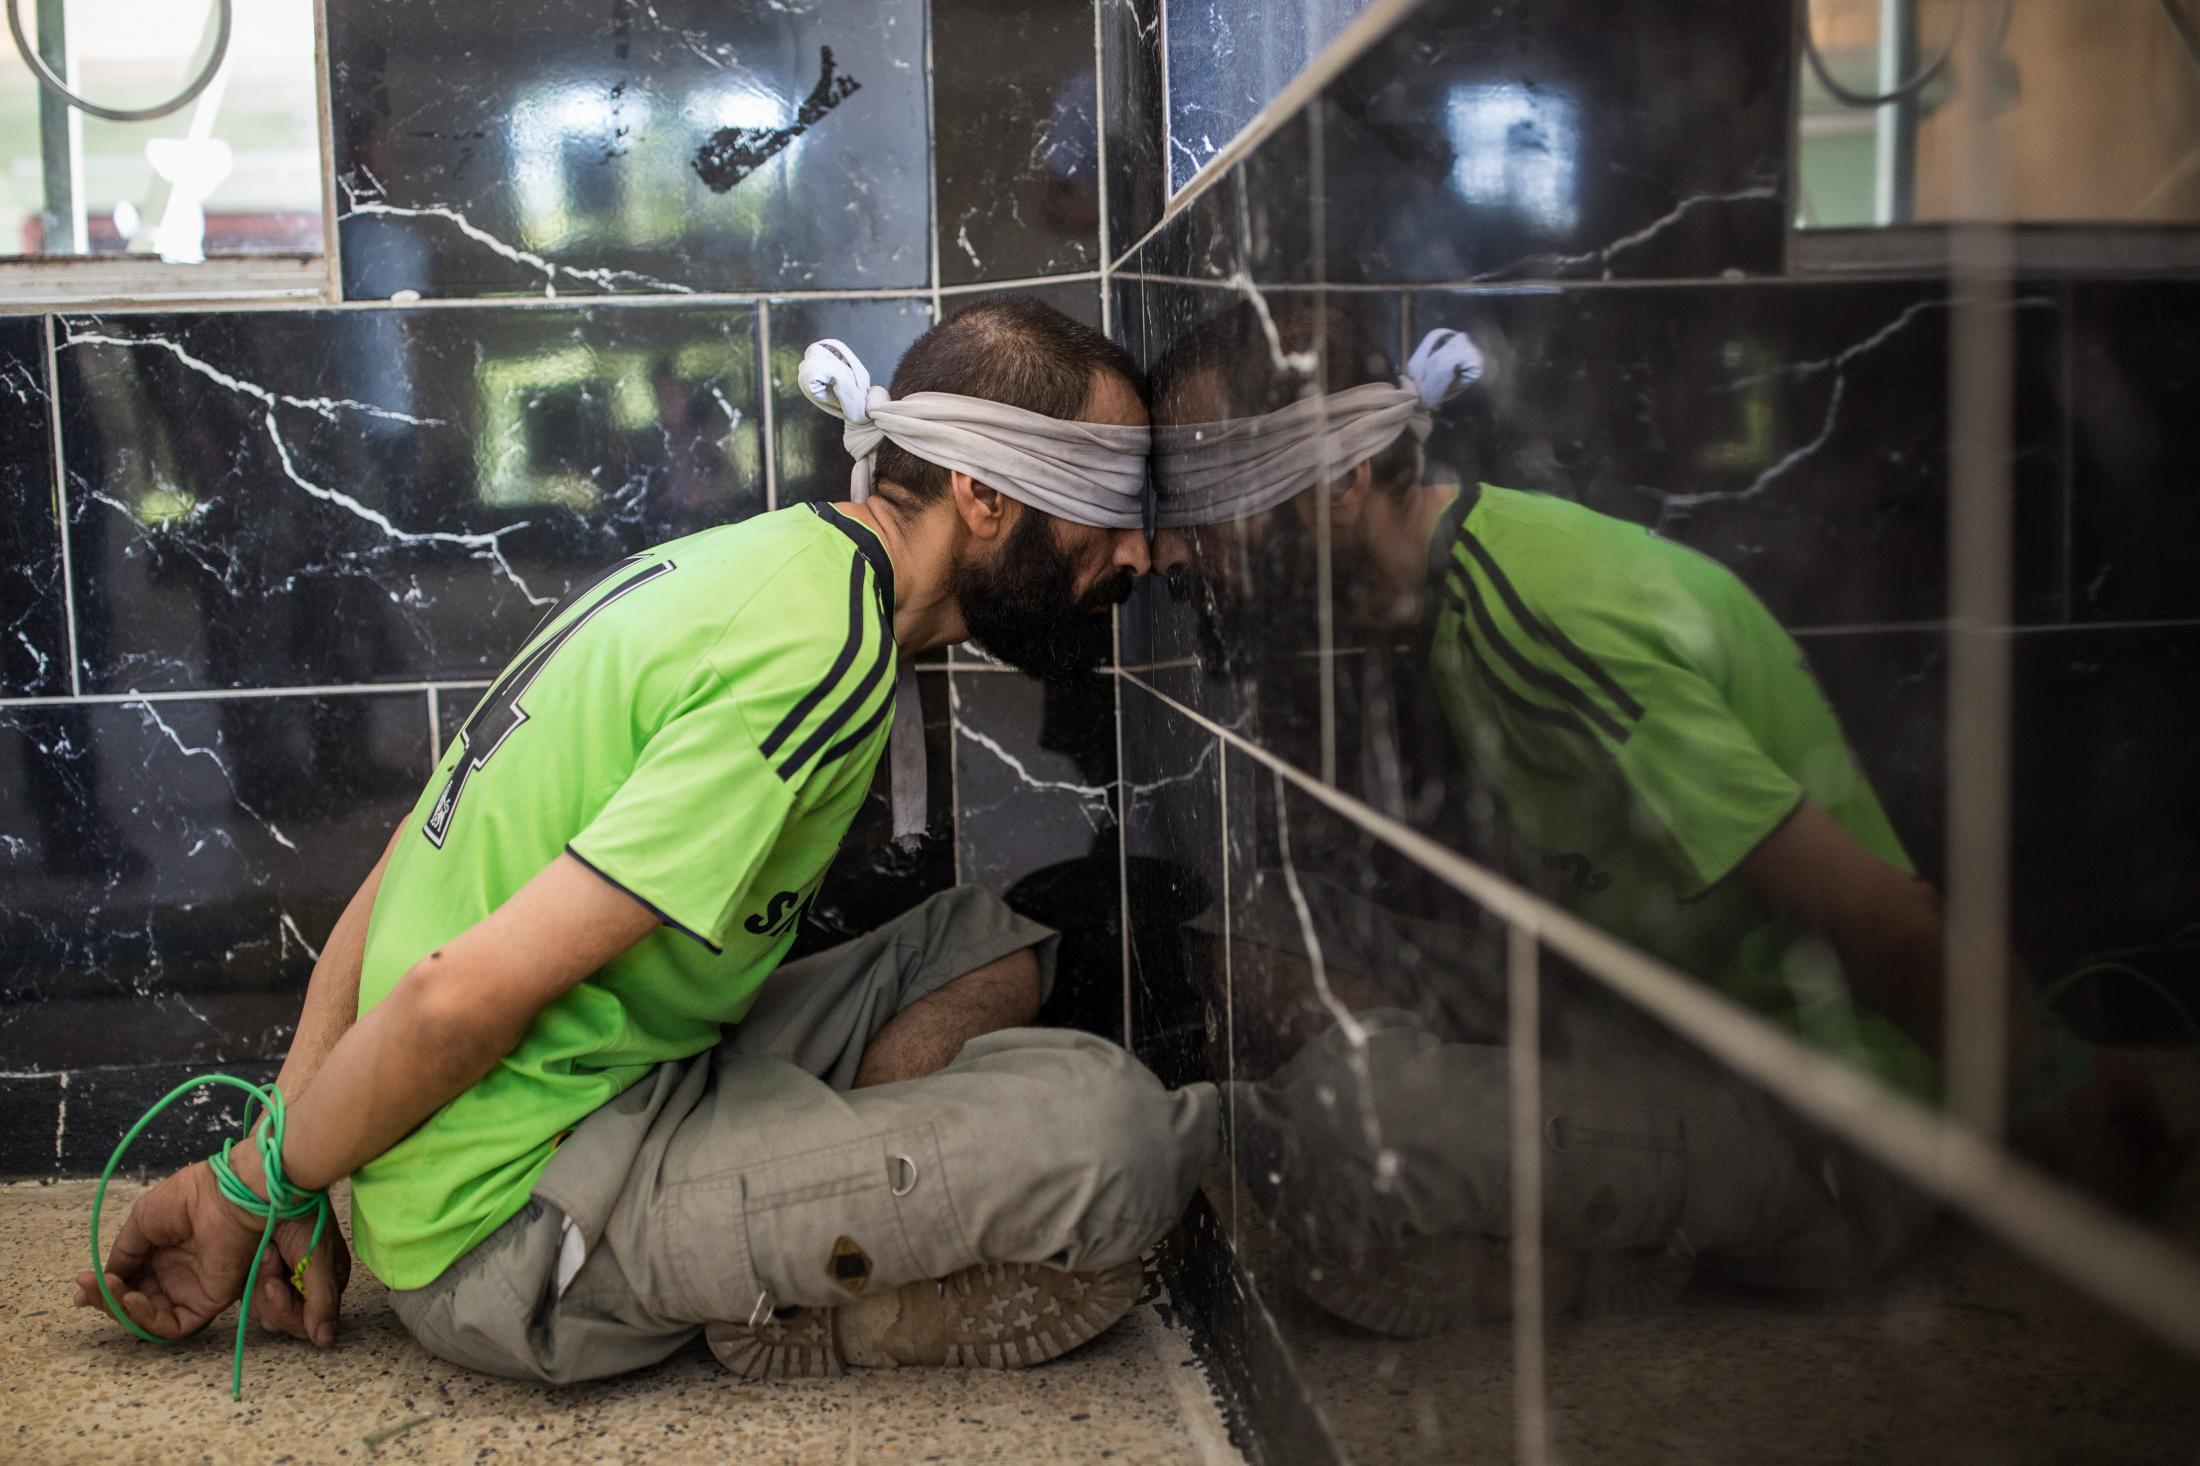 Le 26 juin 2017, des civils ayant fui les combats de la vieille ville viennent d'arriver. les hommes sont séparés des femmes et sont fouillés. Les soldats de l'ISOF1 sont à la recherche de jihadistes. Le major Sameh regarde s'ils ont des traces de combats, notamment de l'équipement lourd qui abime les épaules. L'un d'eux est présumé appartenir à l'organisation Etat Islamique, il aurait été officier de sécurité.